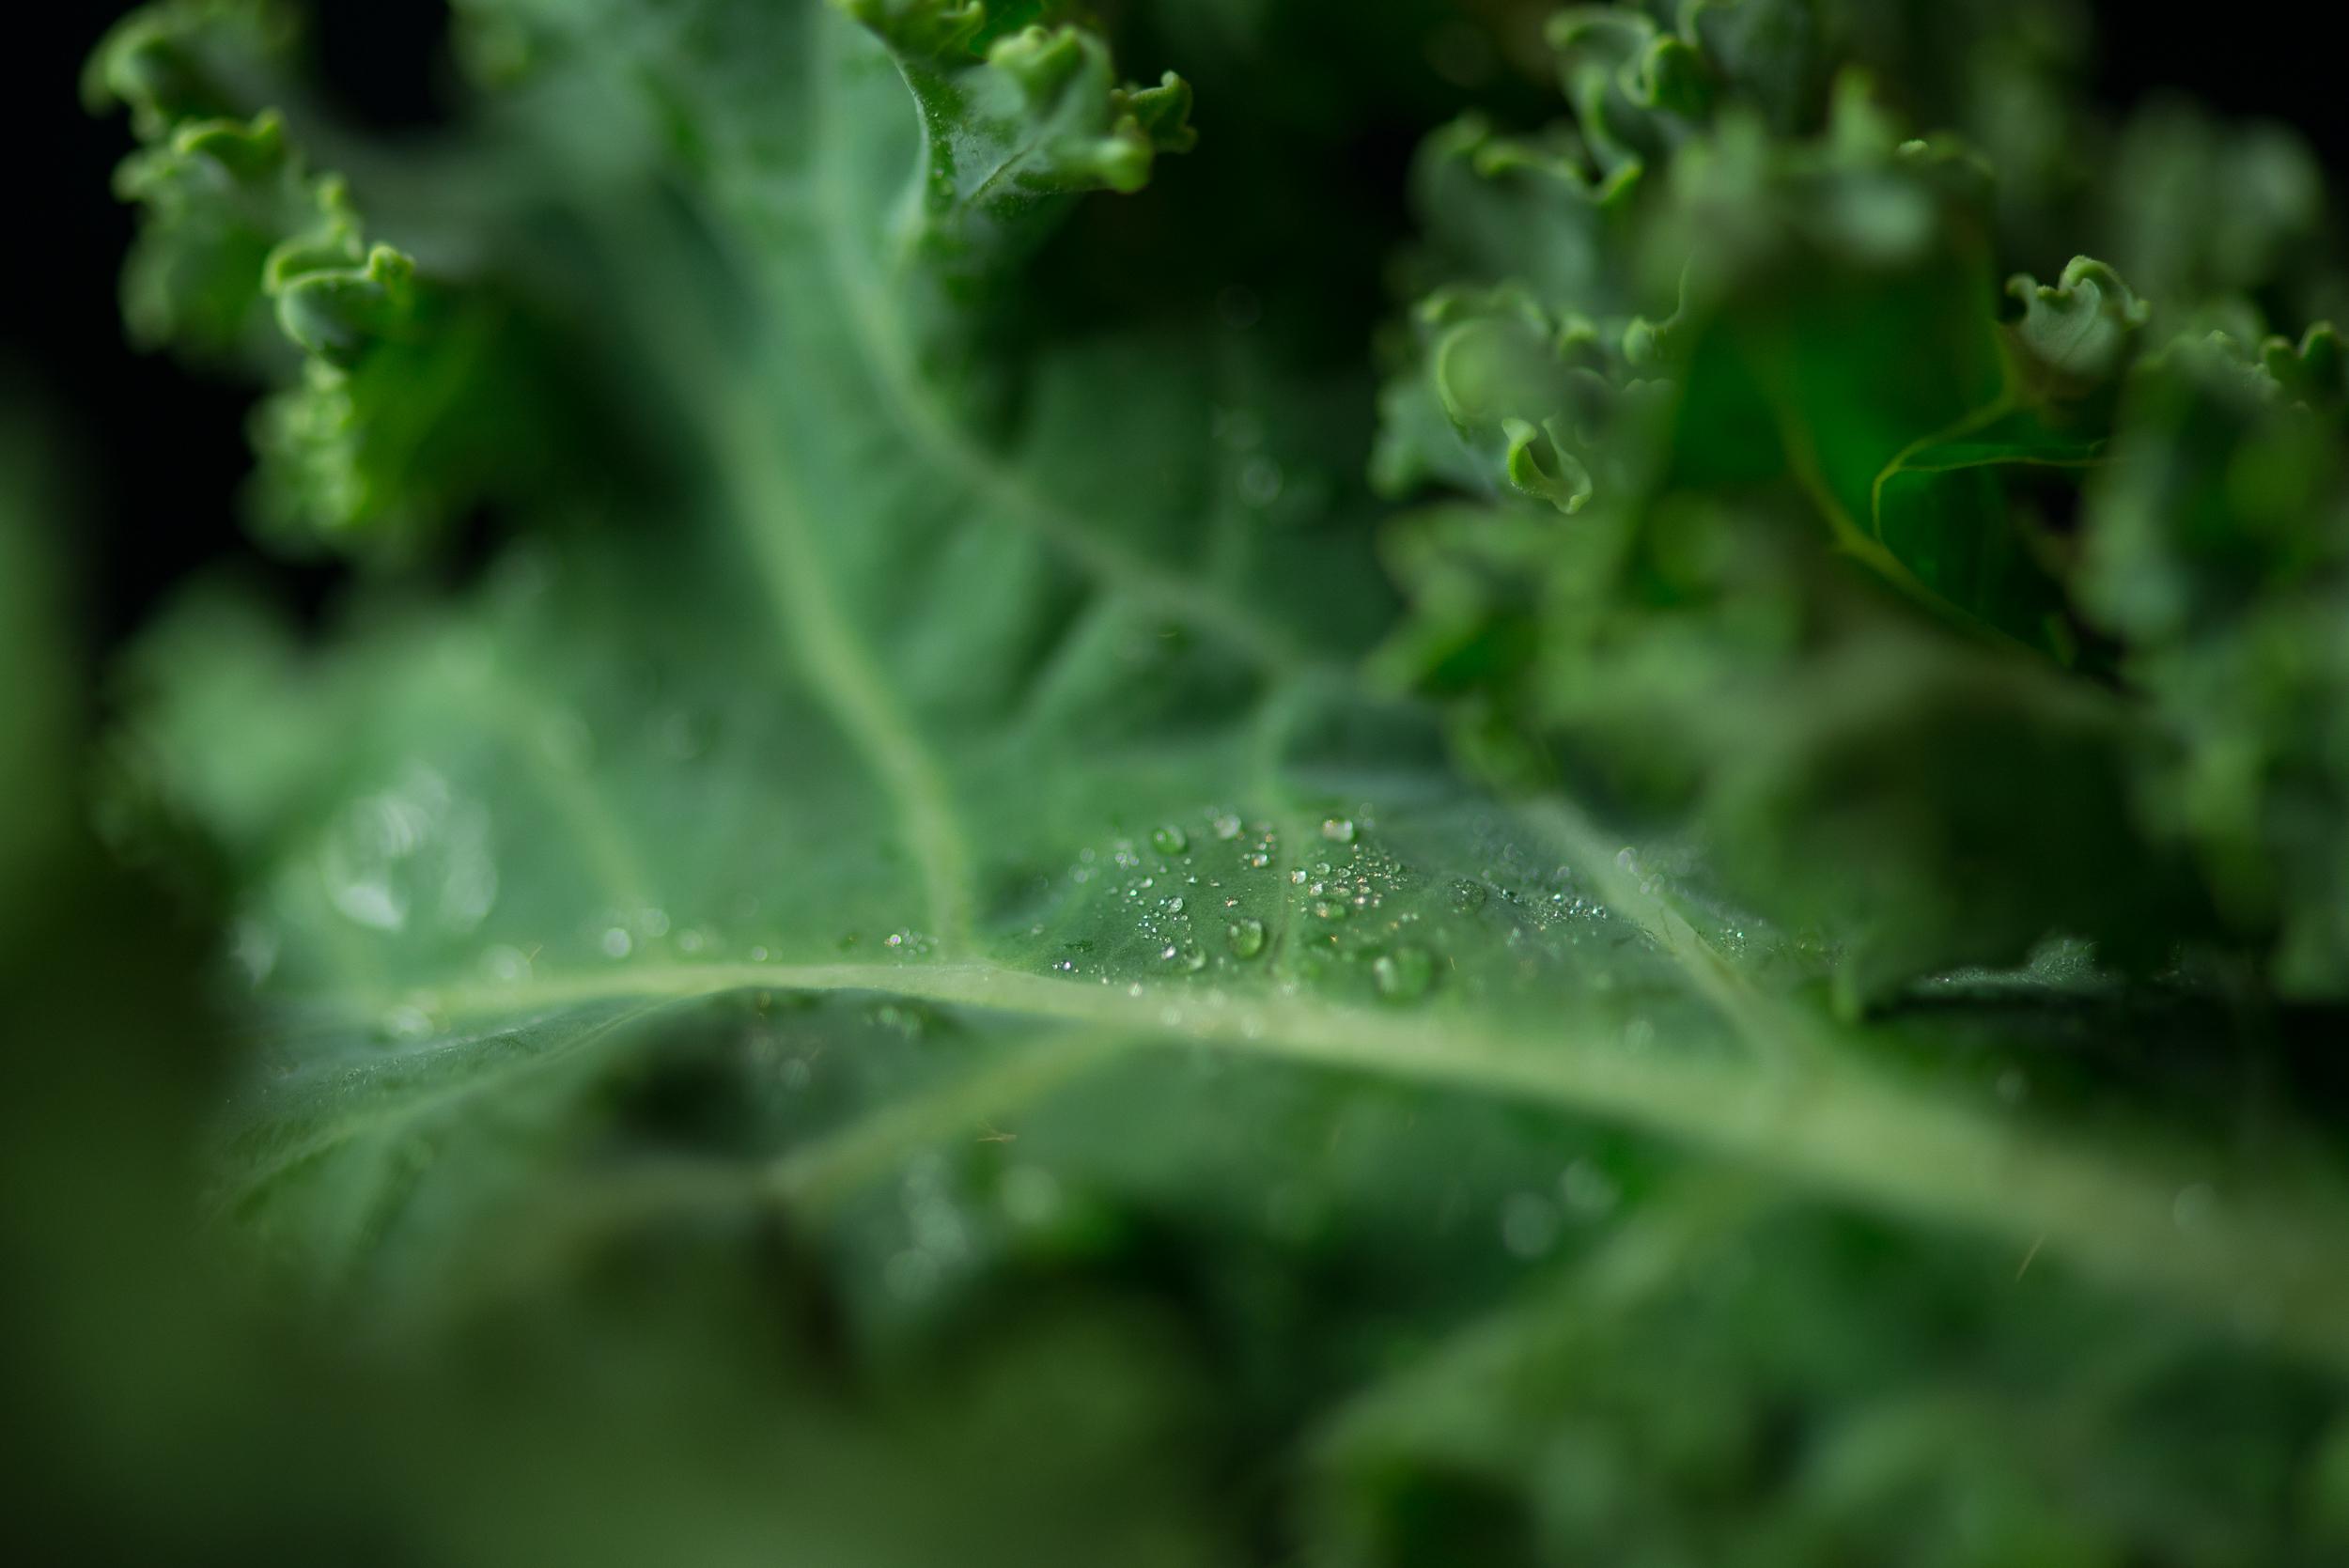 Kale, Water, Life